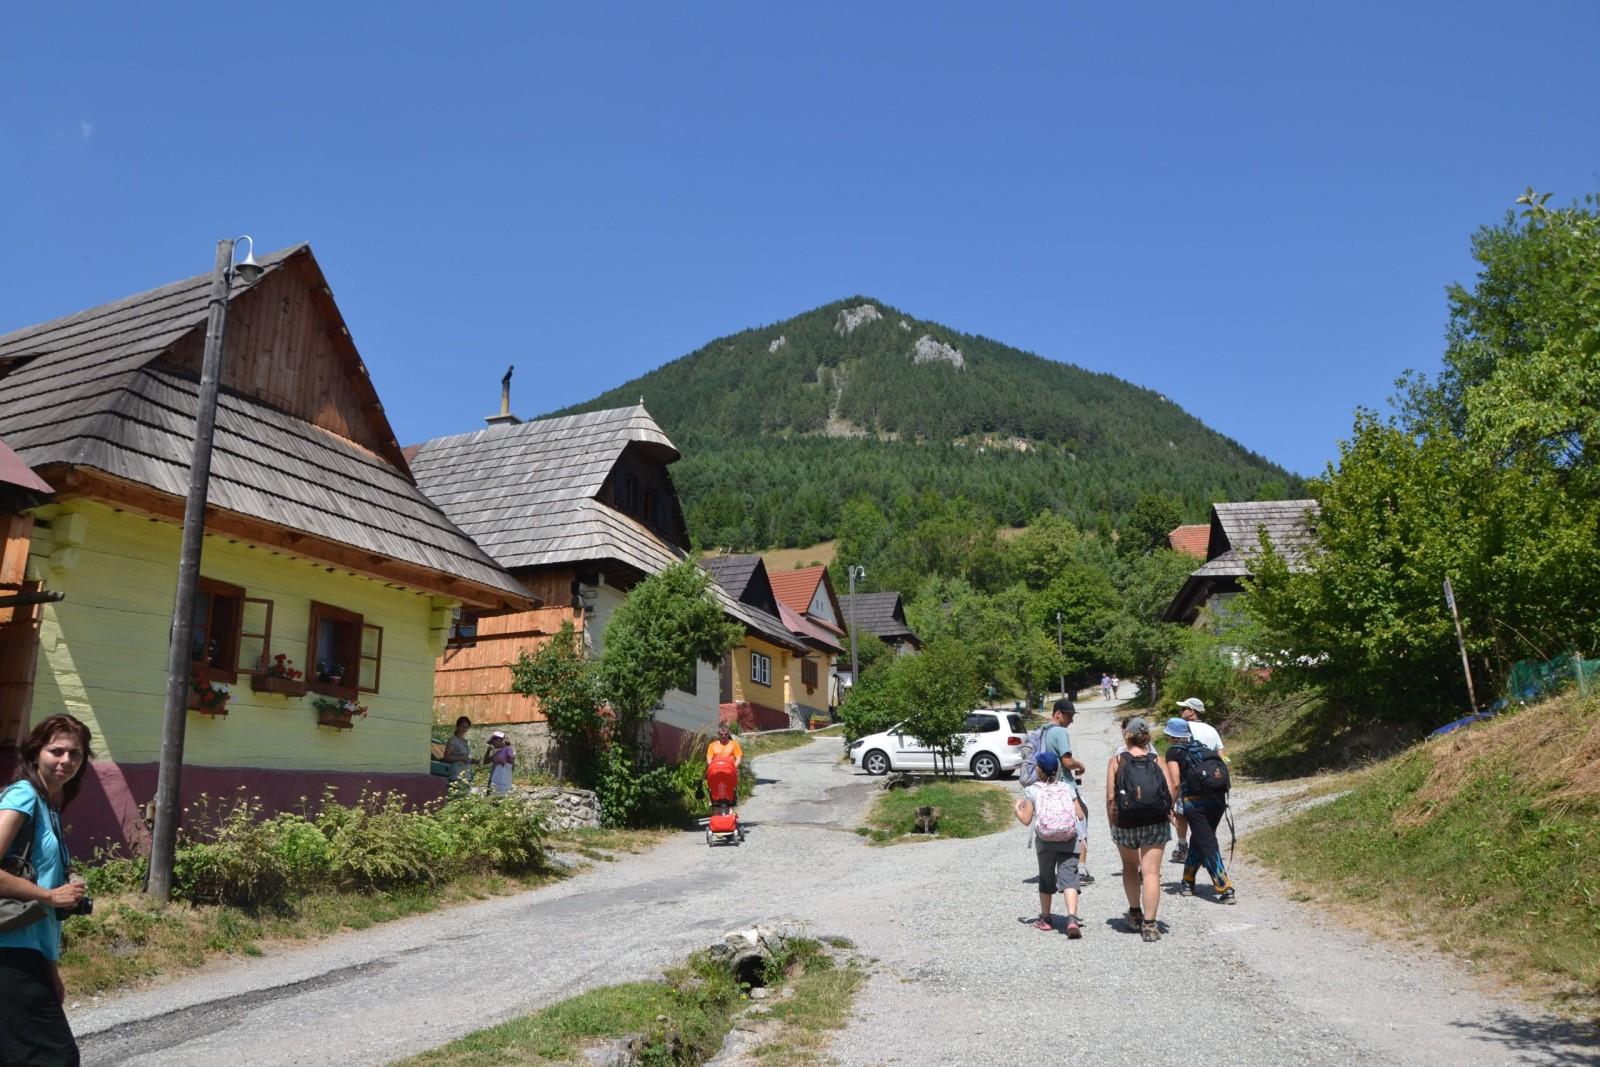 13 08 06 13.02.45 Vlkolínec - obec v seznamu UNESCO